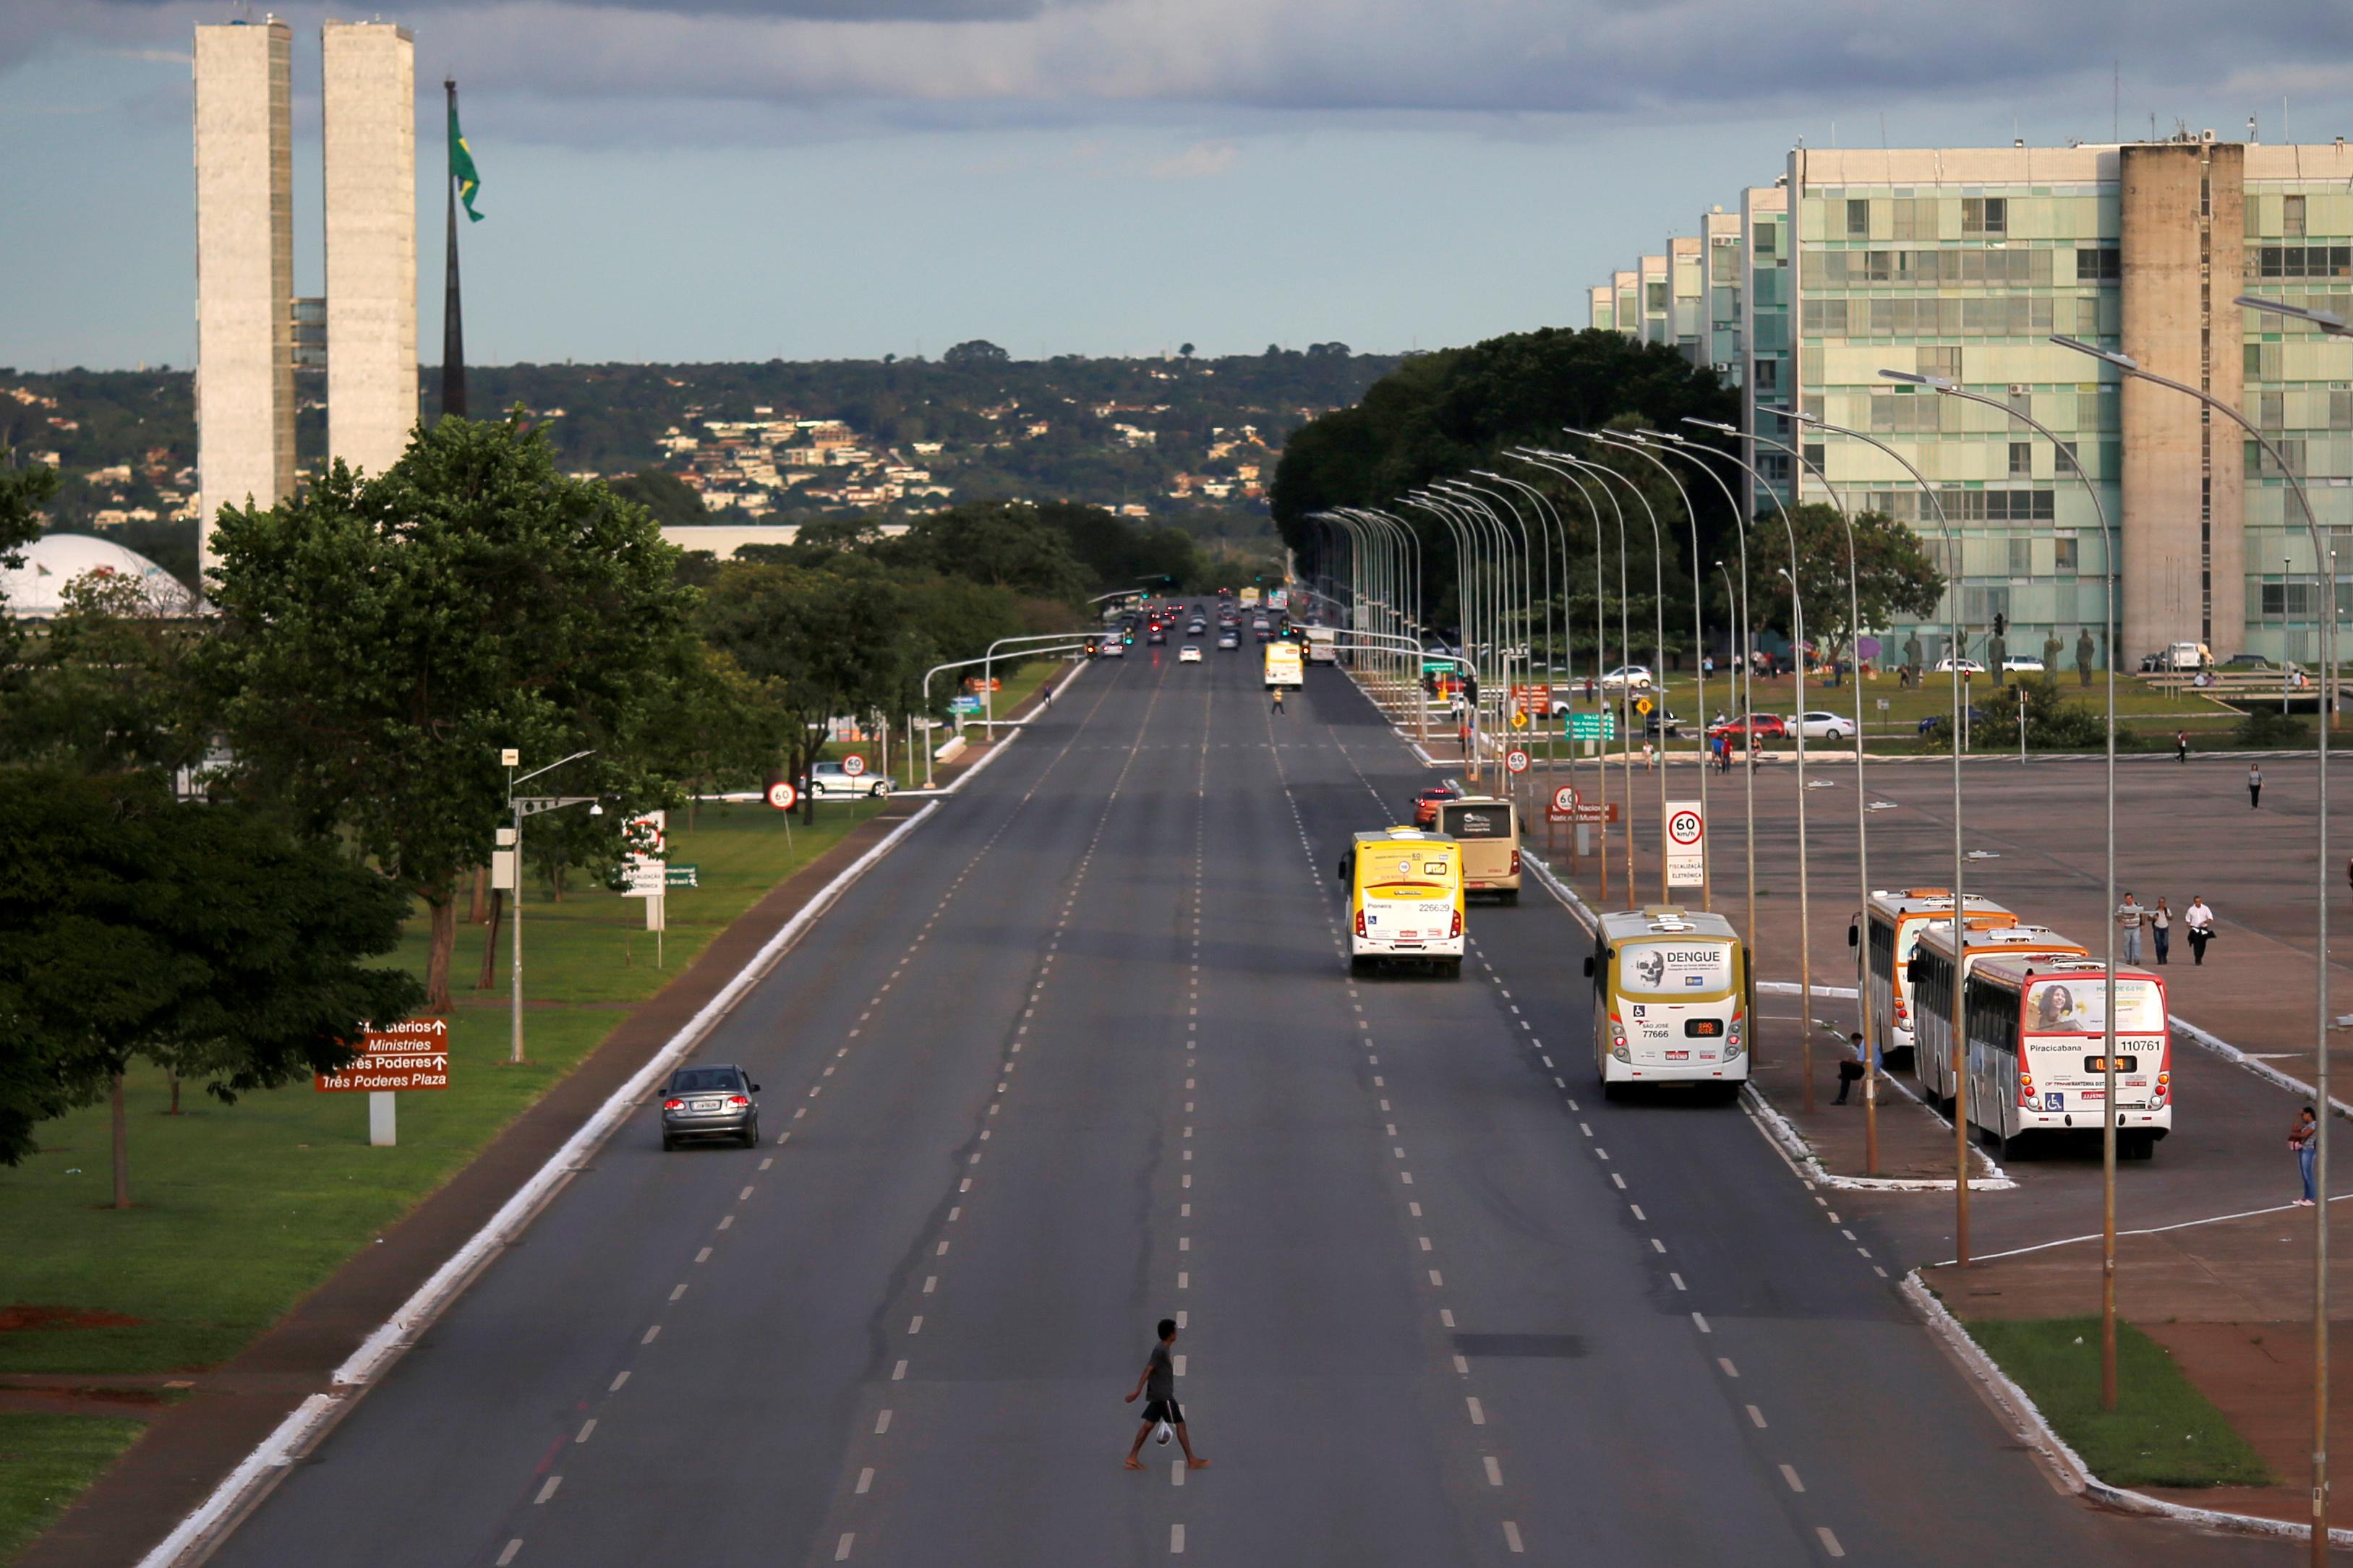 La avenida de los ministerios en Brasilia, capital de Brasil (REUTERS/Adriano Machado)